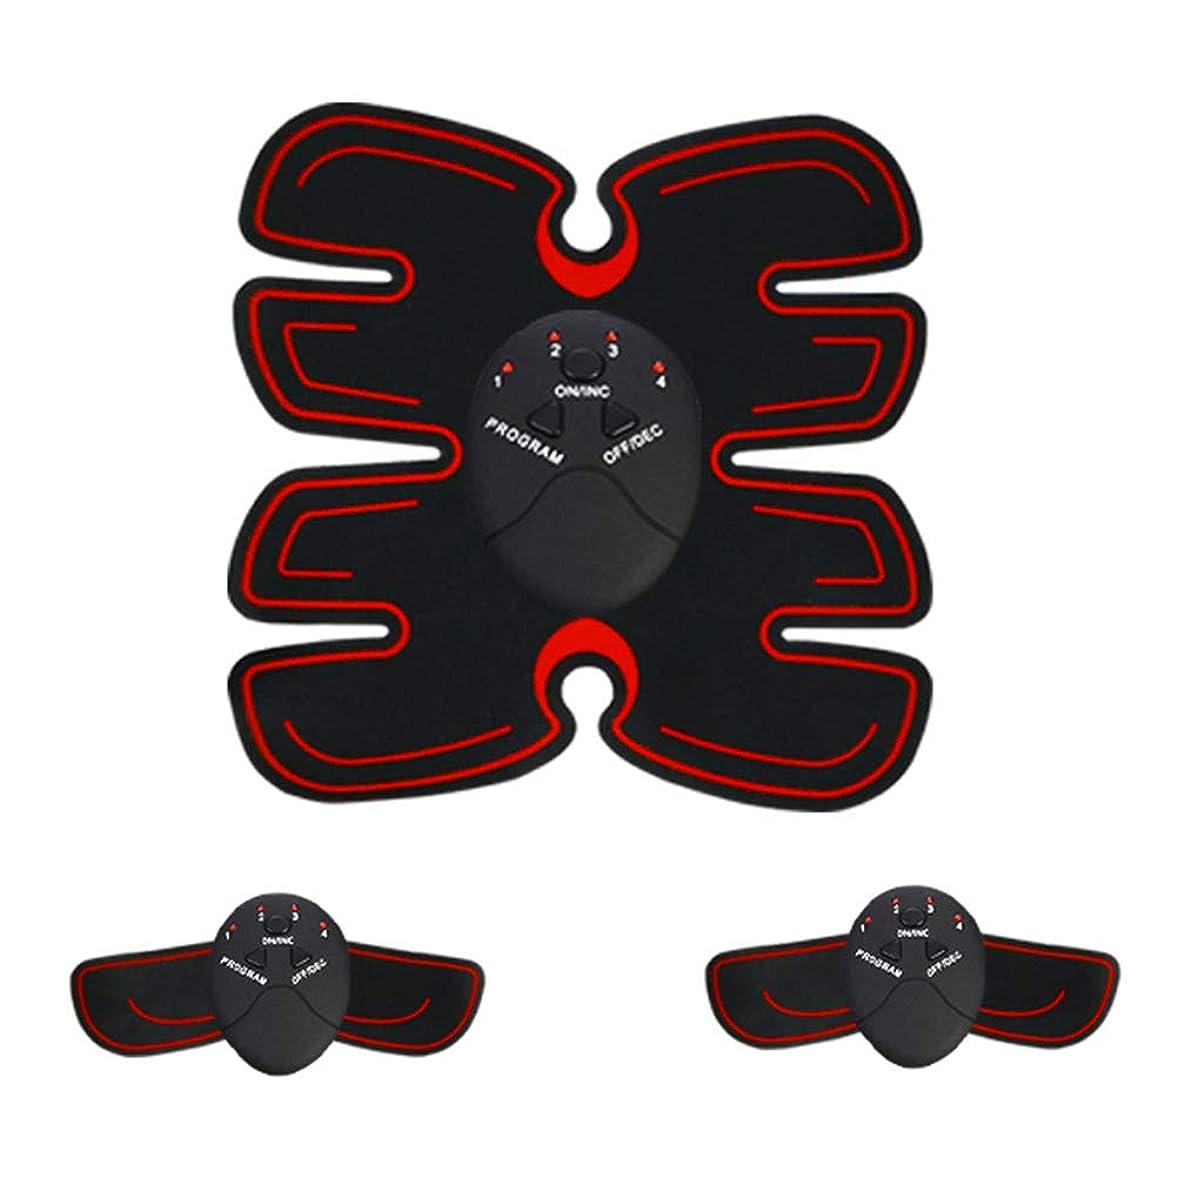 しわワゴン終わった腹部筋肉トレーナー筋肉トナーems absトレーナーabベルトホームオフィストレーニング機器用男性&女性フィットネス薄いベルトボディービル腹部ベルト (Color : RED, Size : 23.2*21CM)